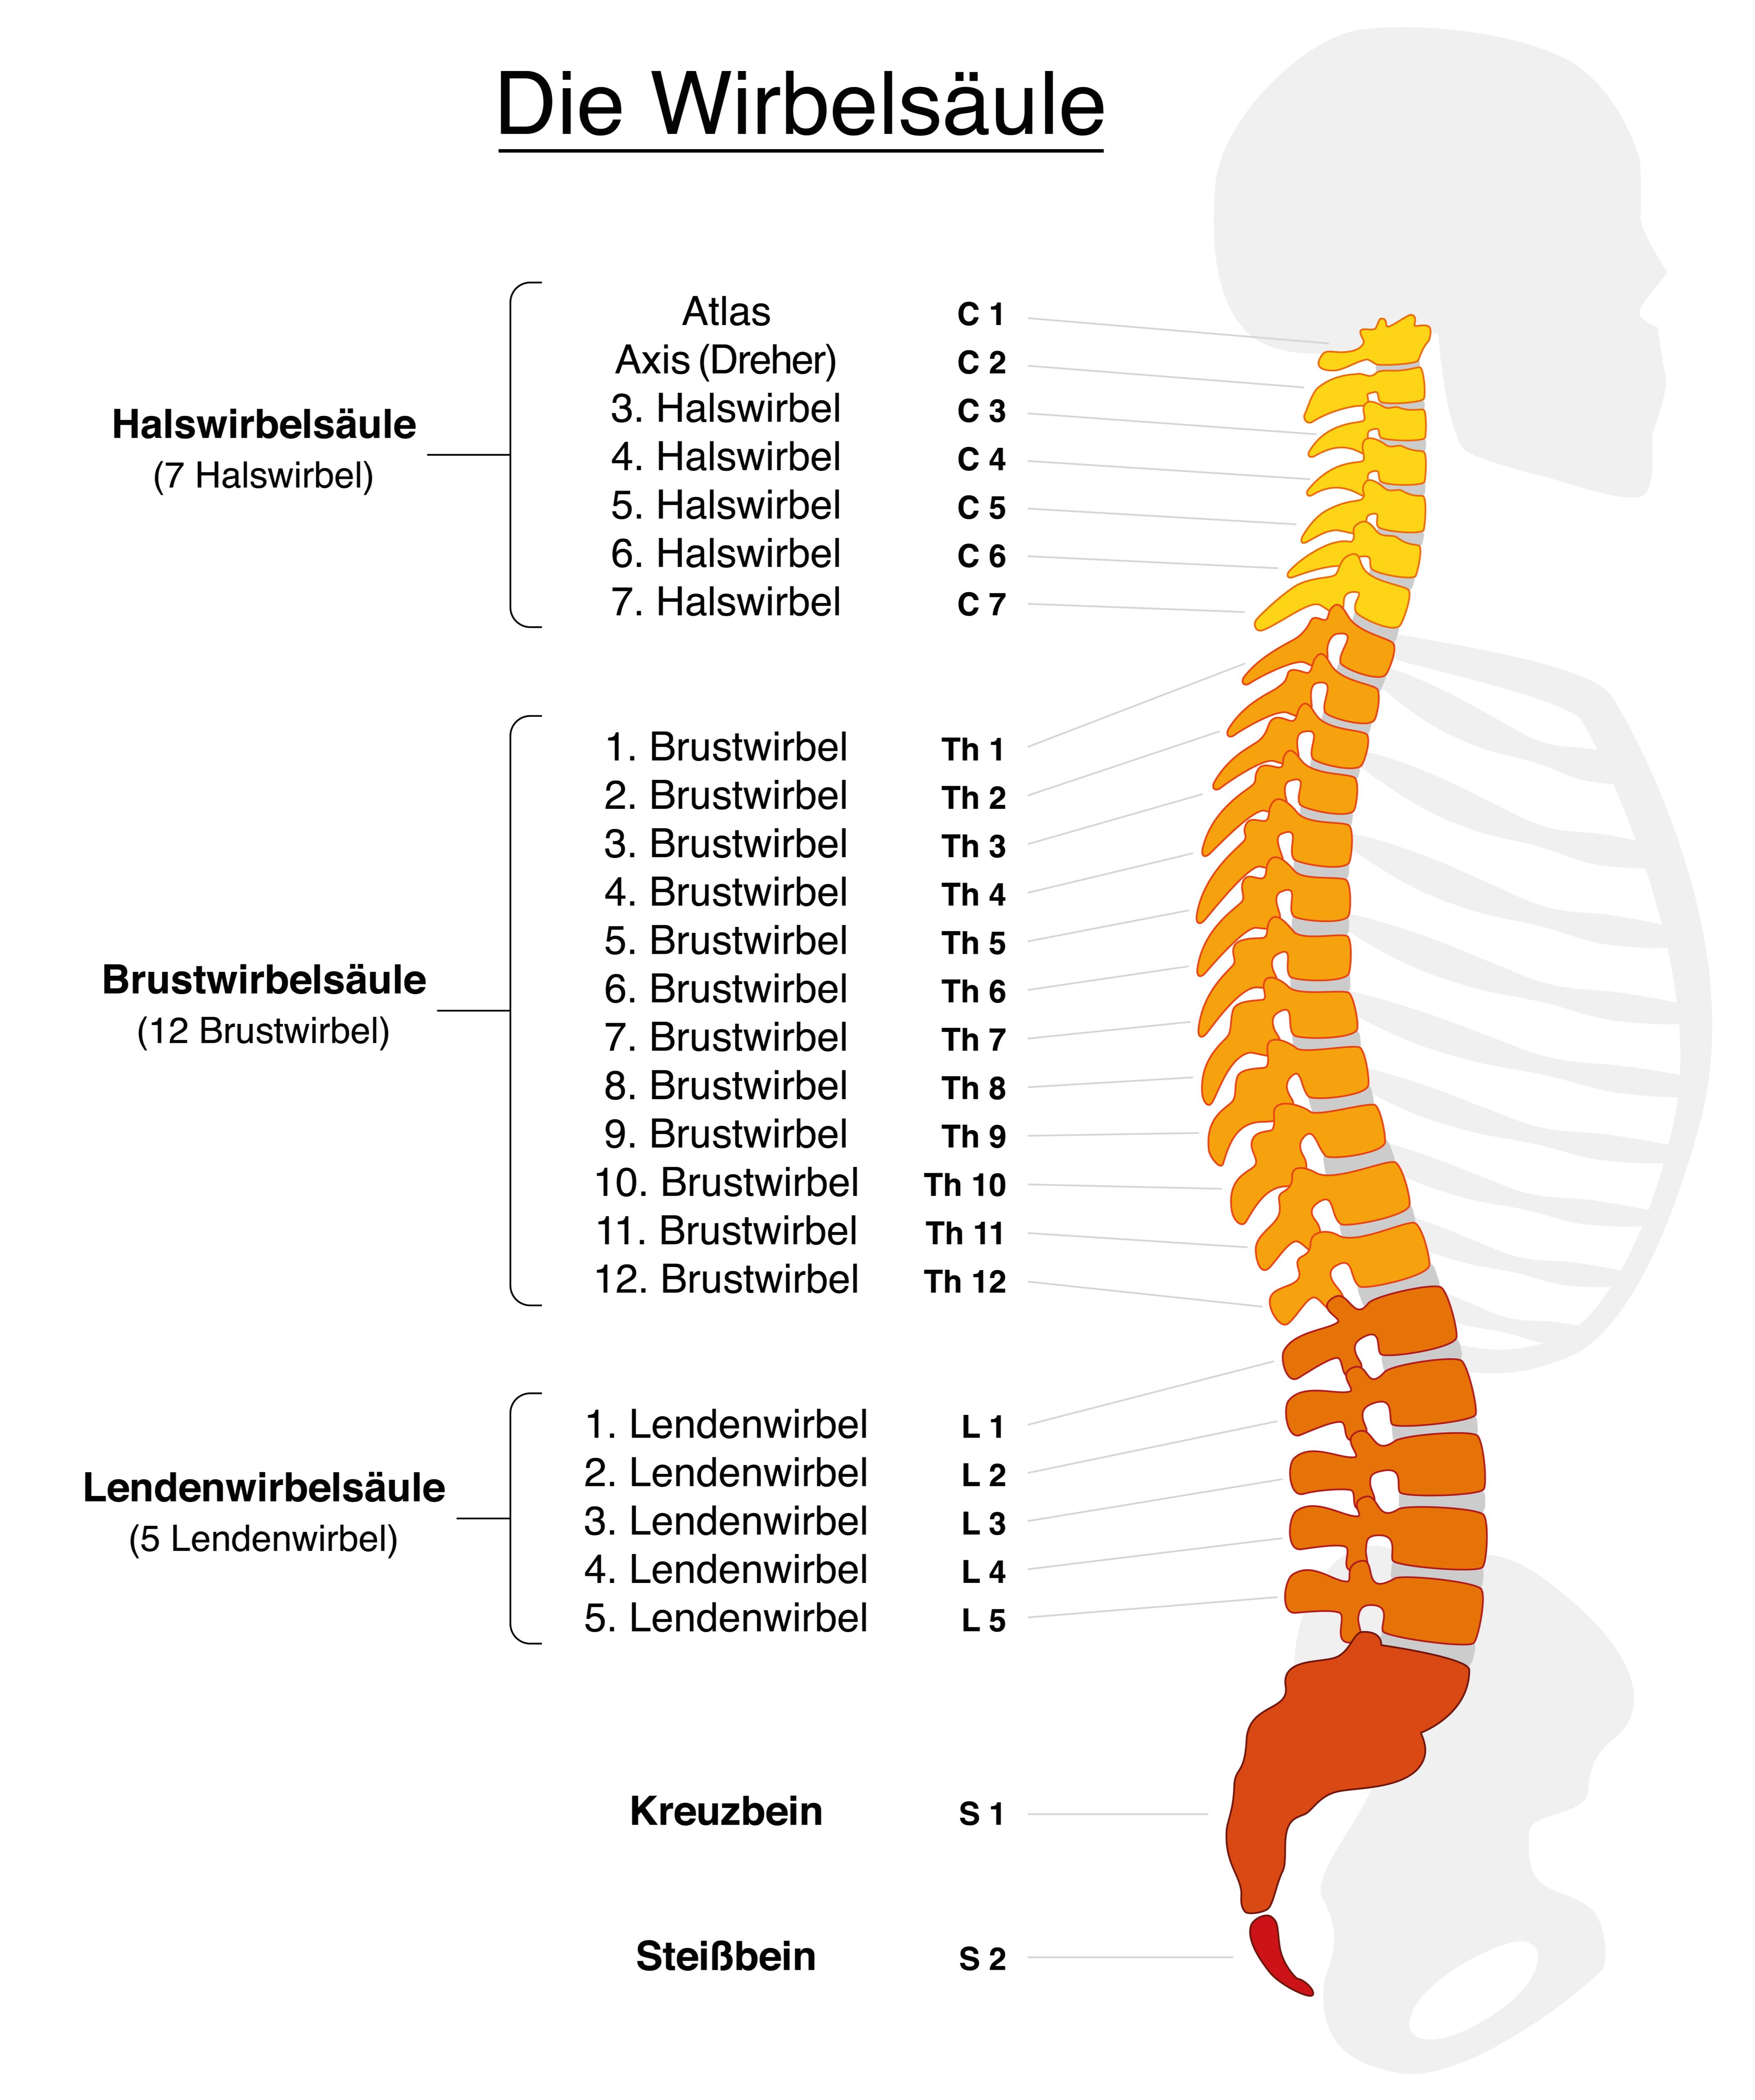 Vektorgrafik auf weißem Hintergrund - Wirbelsäule mit Namen und Nummern der Wirbeltiere